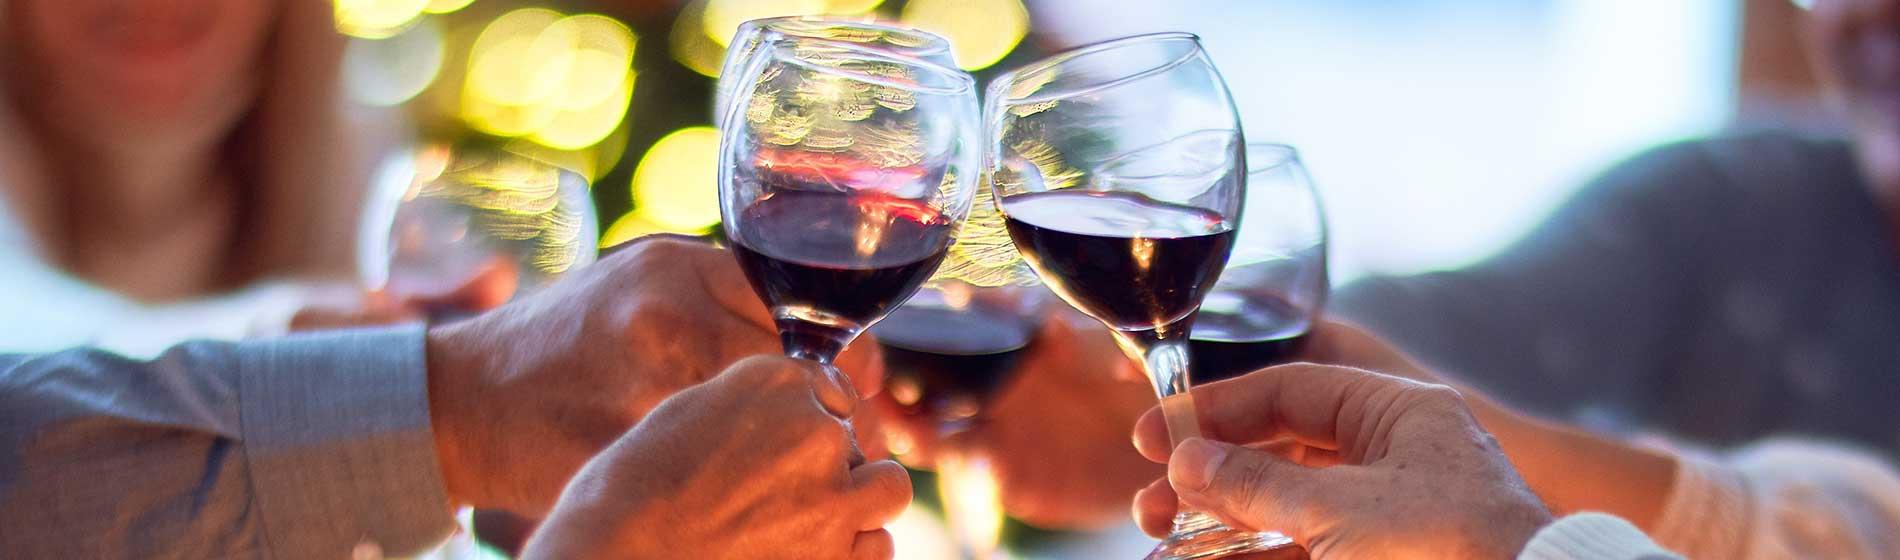 Les accords mets et vins de fête